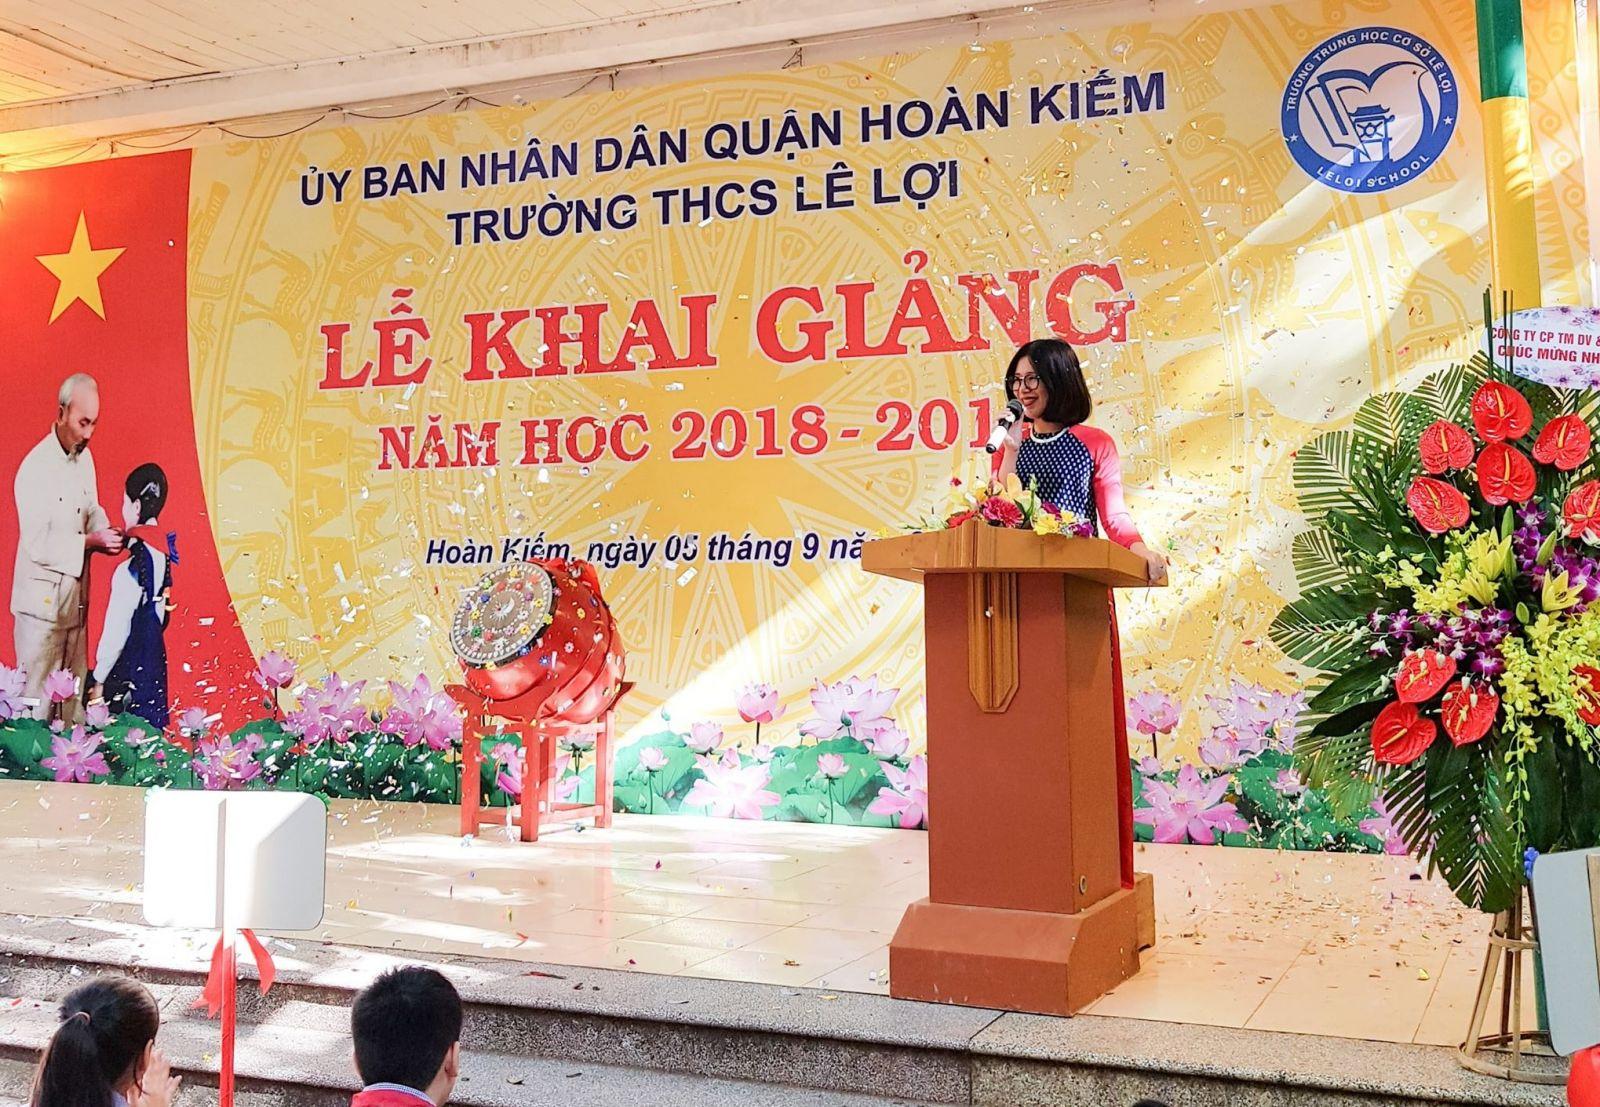 Trường THCS Lê Lợi, Hoàn Kiếm, Hà Nội Có Tốt Không?